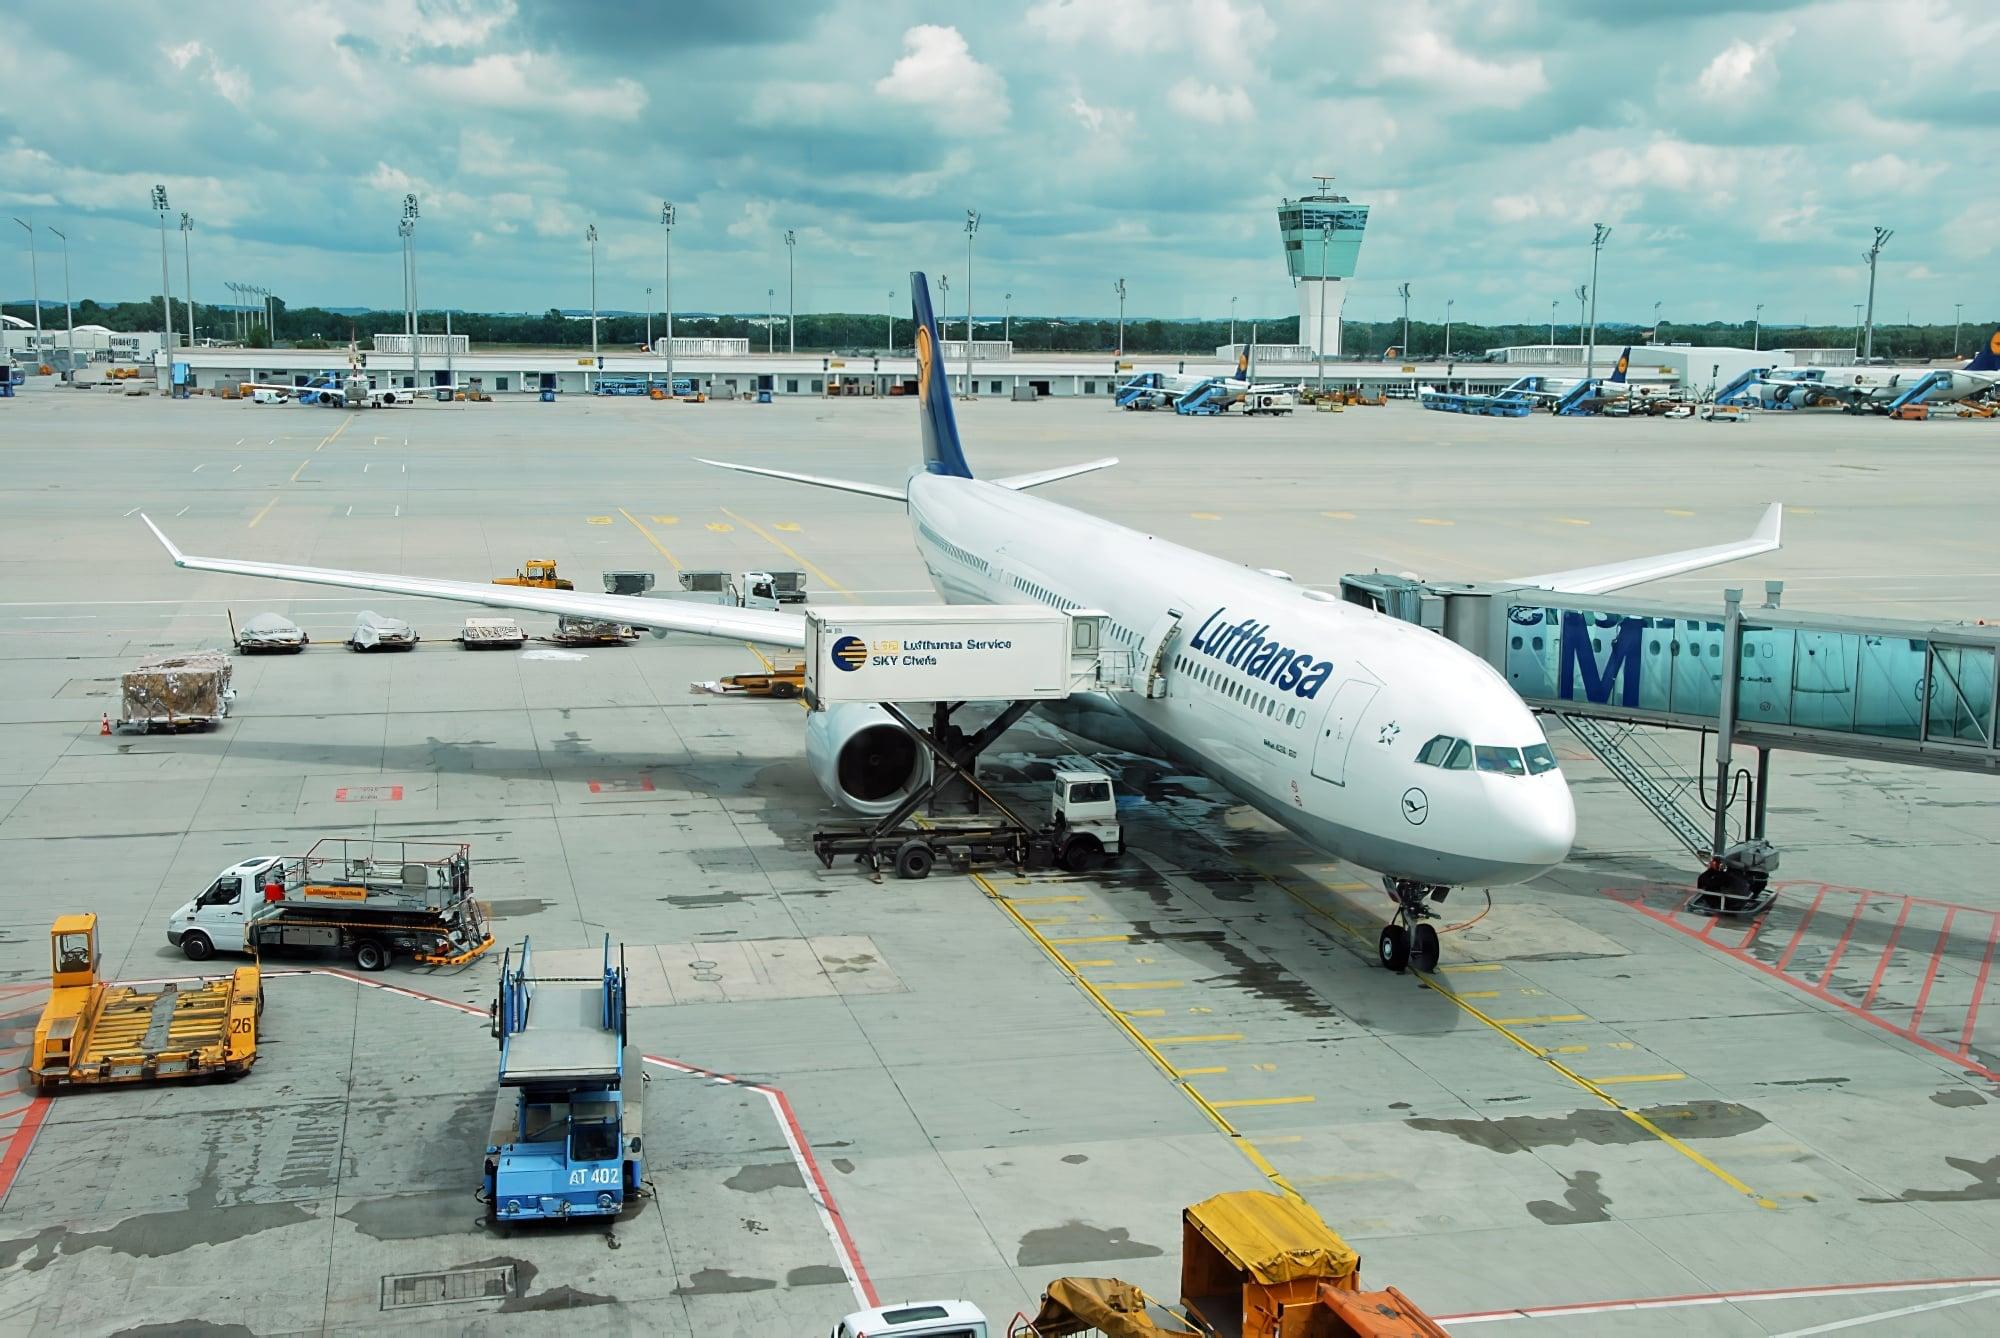 Munich avion